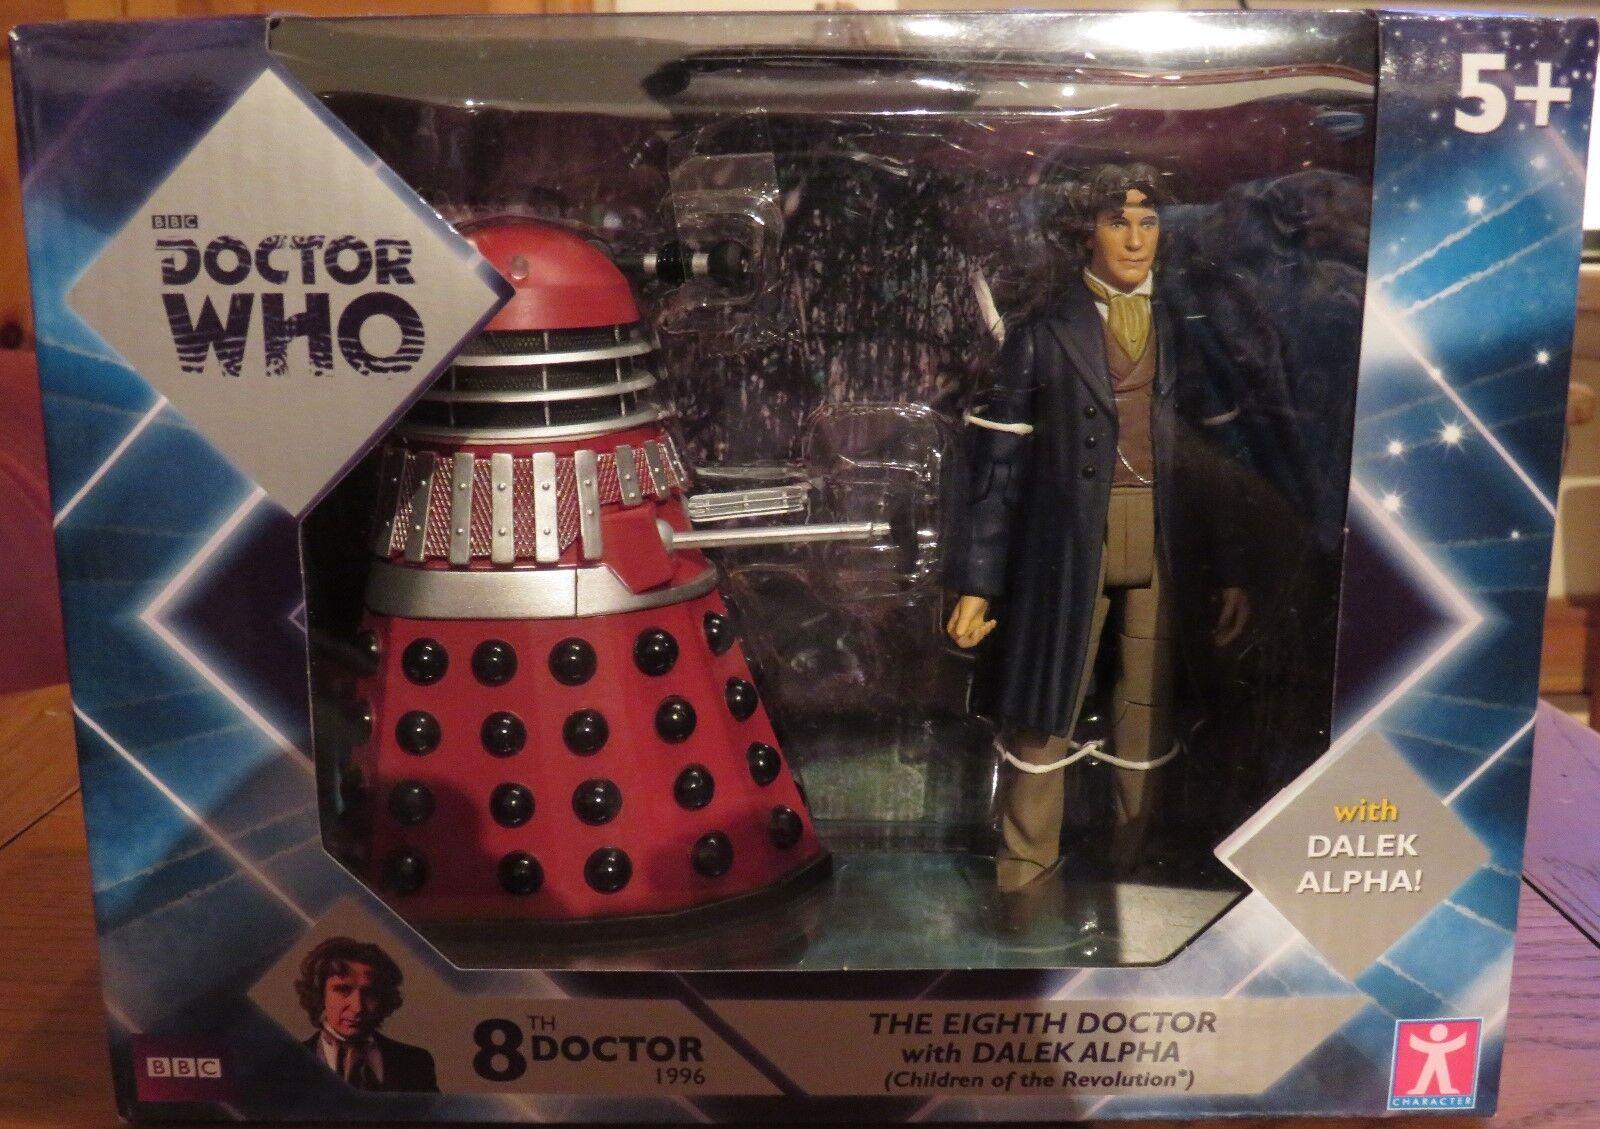 Doctor Who 8th doctor & Alfa Dalek Exclusivo Paquete Doble-Totalmente Nuevo-último